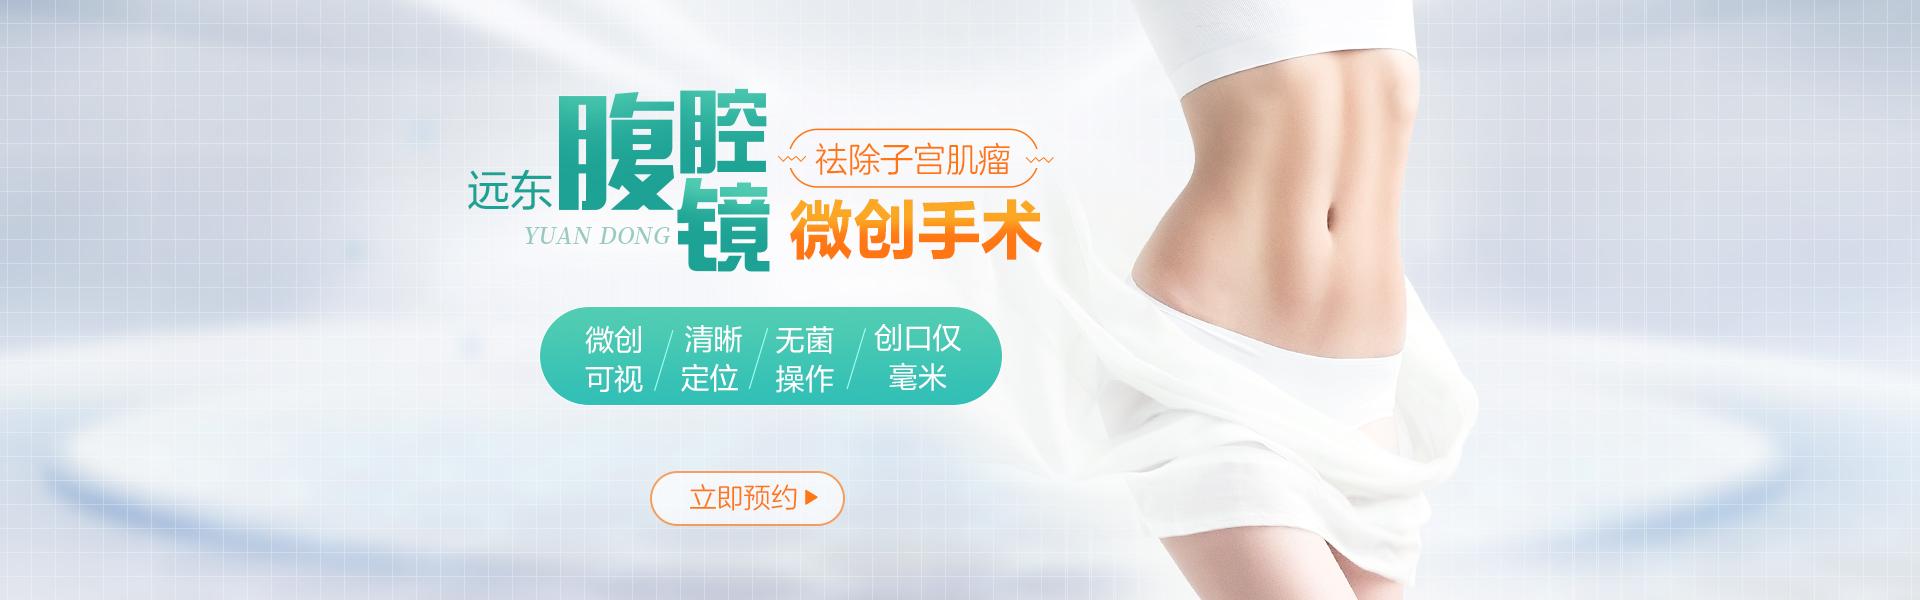 远东腹腔镜微创手术宣传